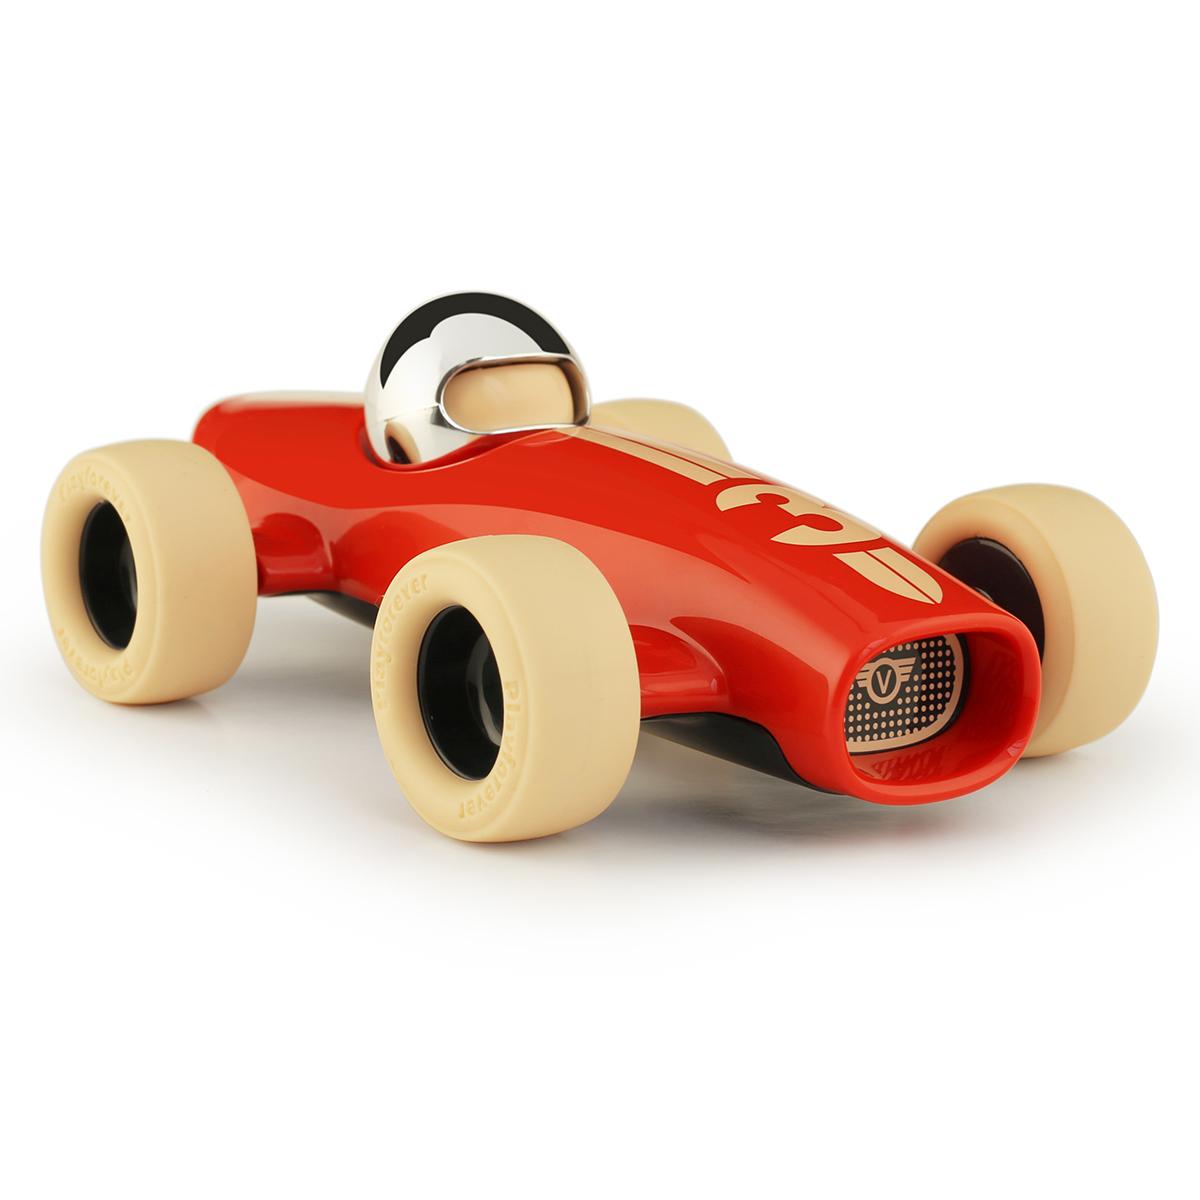 Mes premiers jouets Voiture Verve Malibu Benjamin - Orange Voiture Verve Malibu Benjamin - Orange